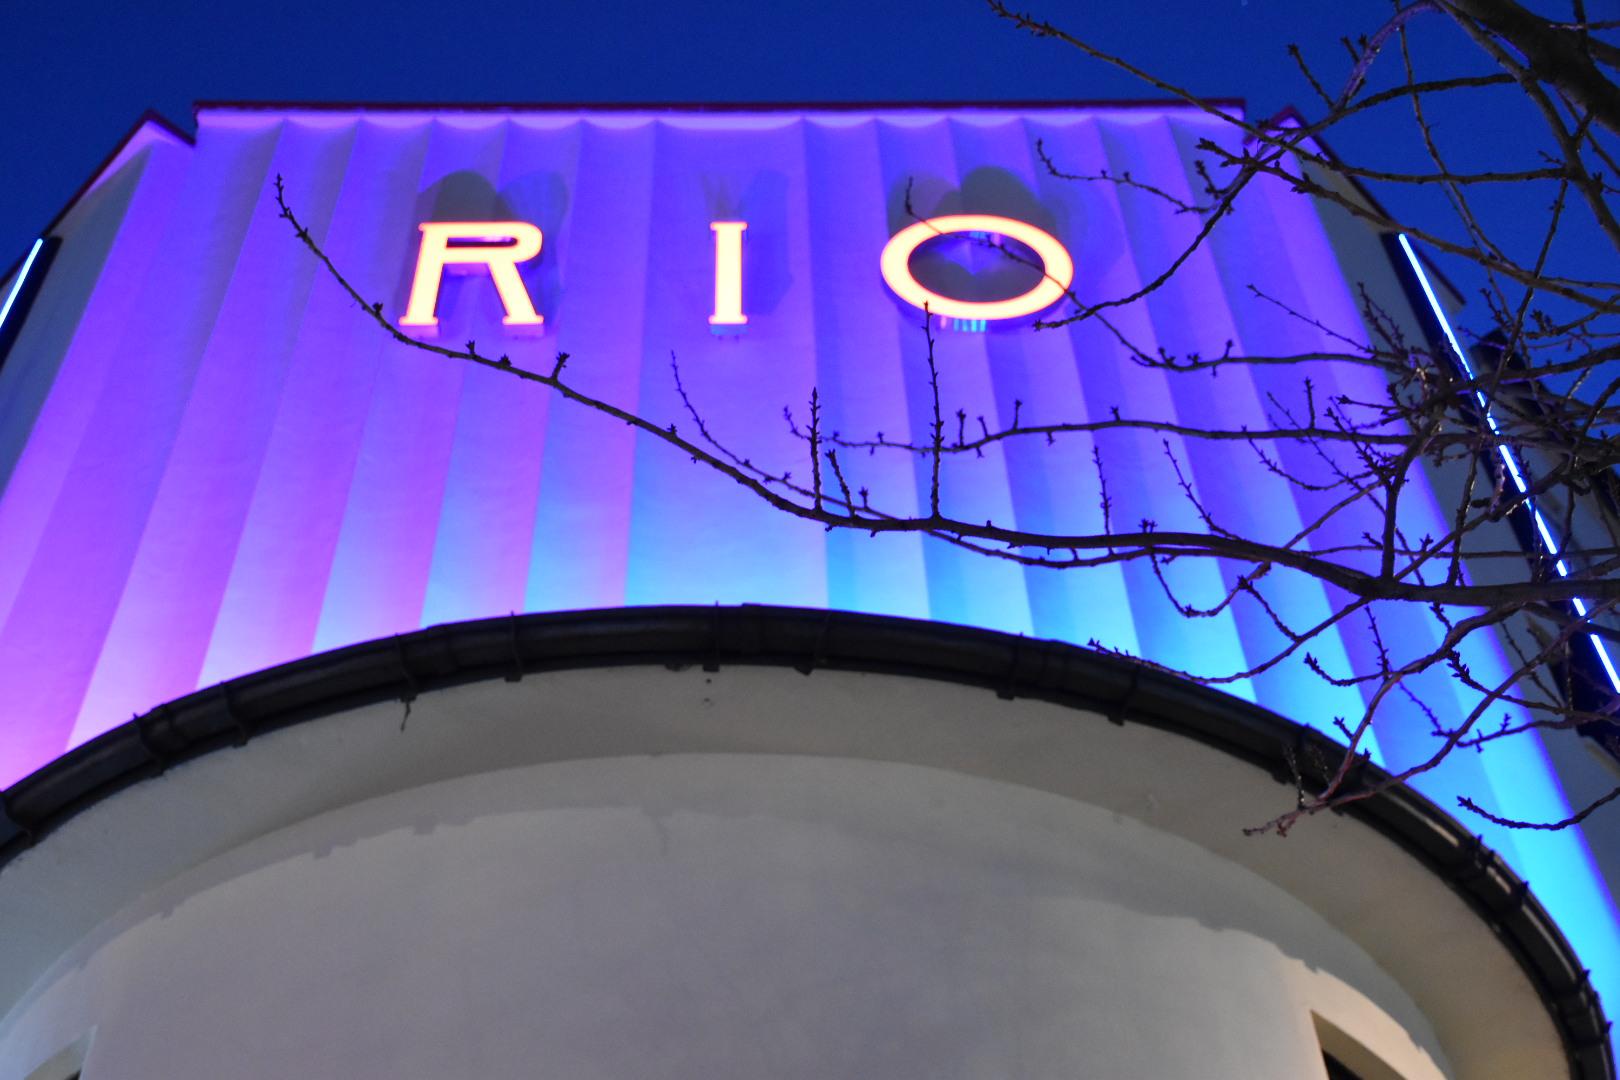 Rio Cinema Hackney